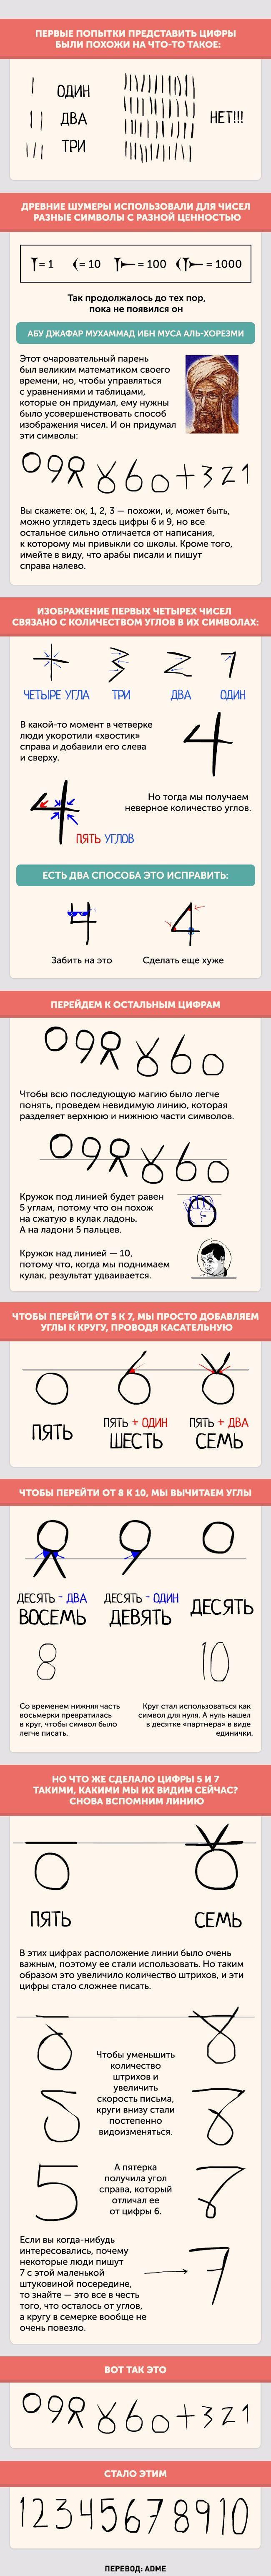 Почему цифры такие, какими мы их видим